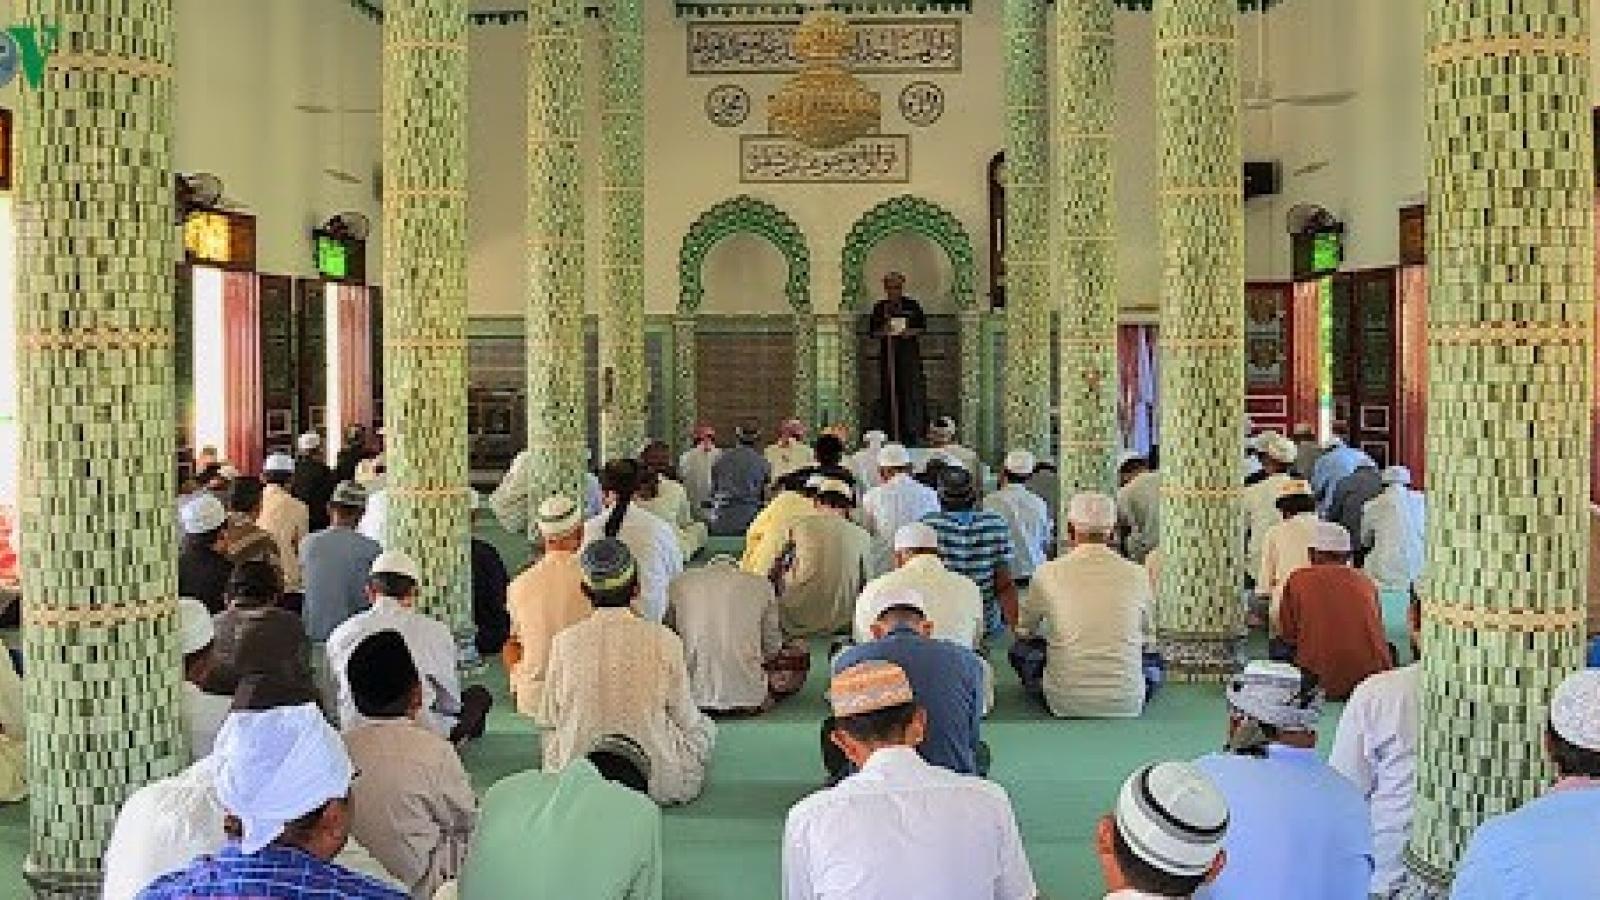 Yêu cầu các cơ sở thờ tự không tổ chức sinh hoạt tôn giáo đông người